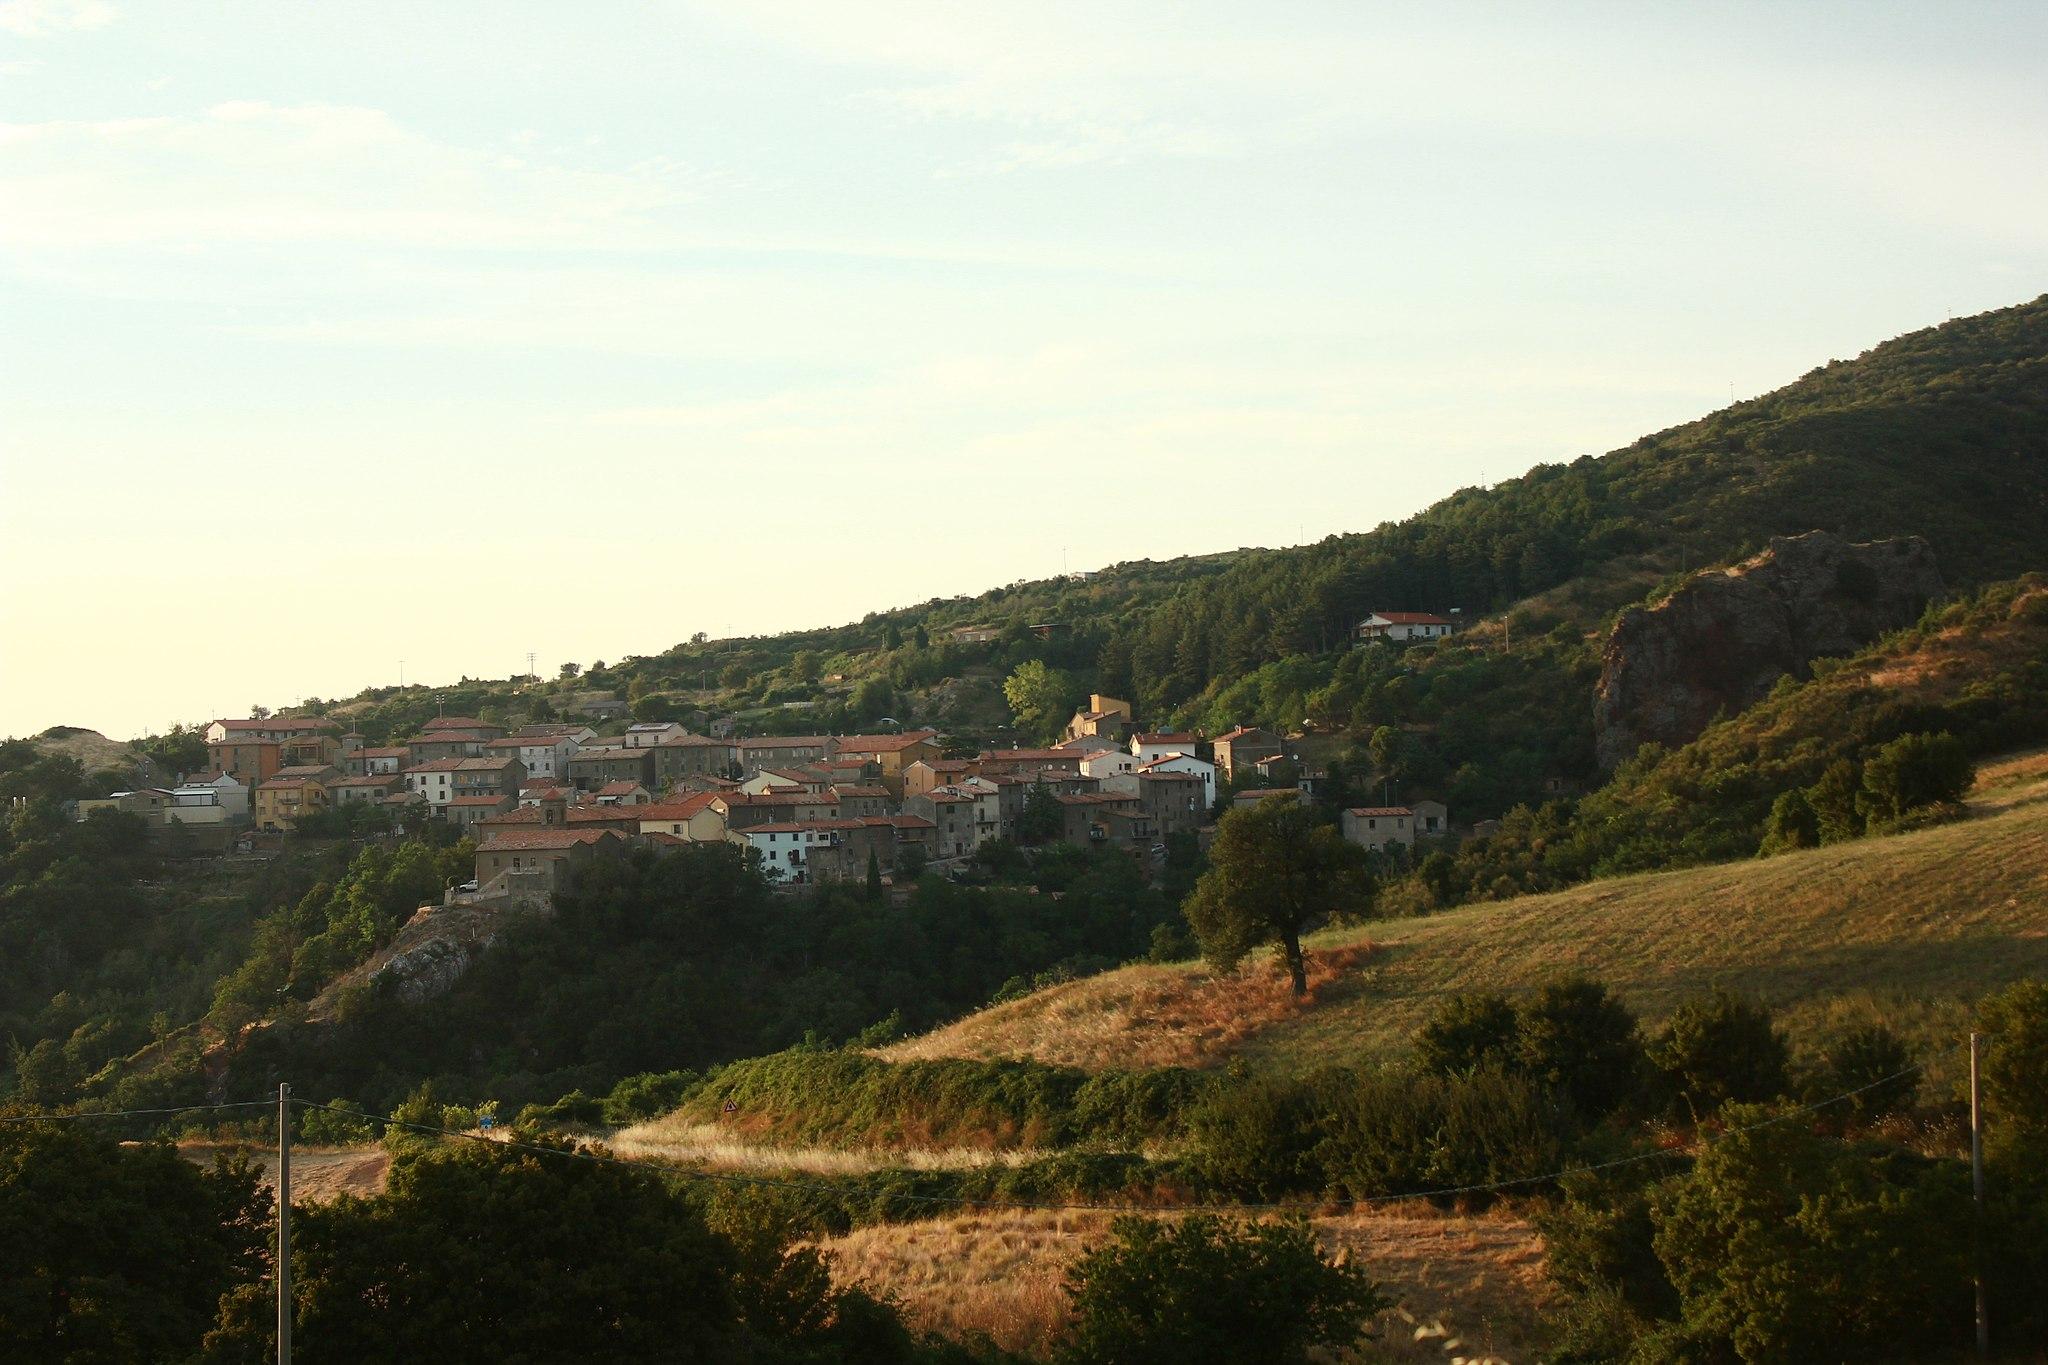 Panoramai Stribugliano